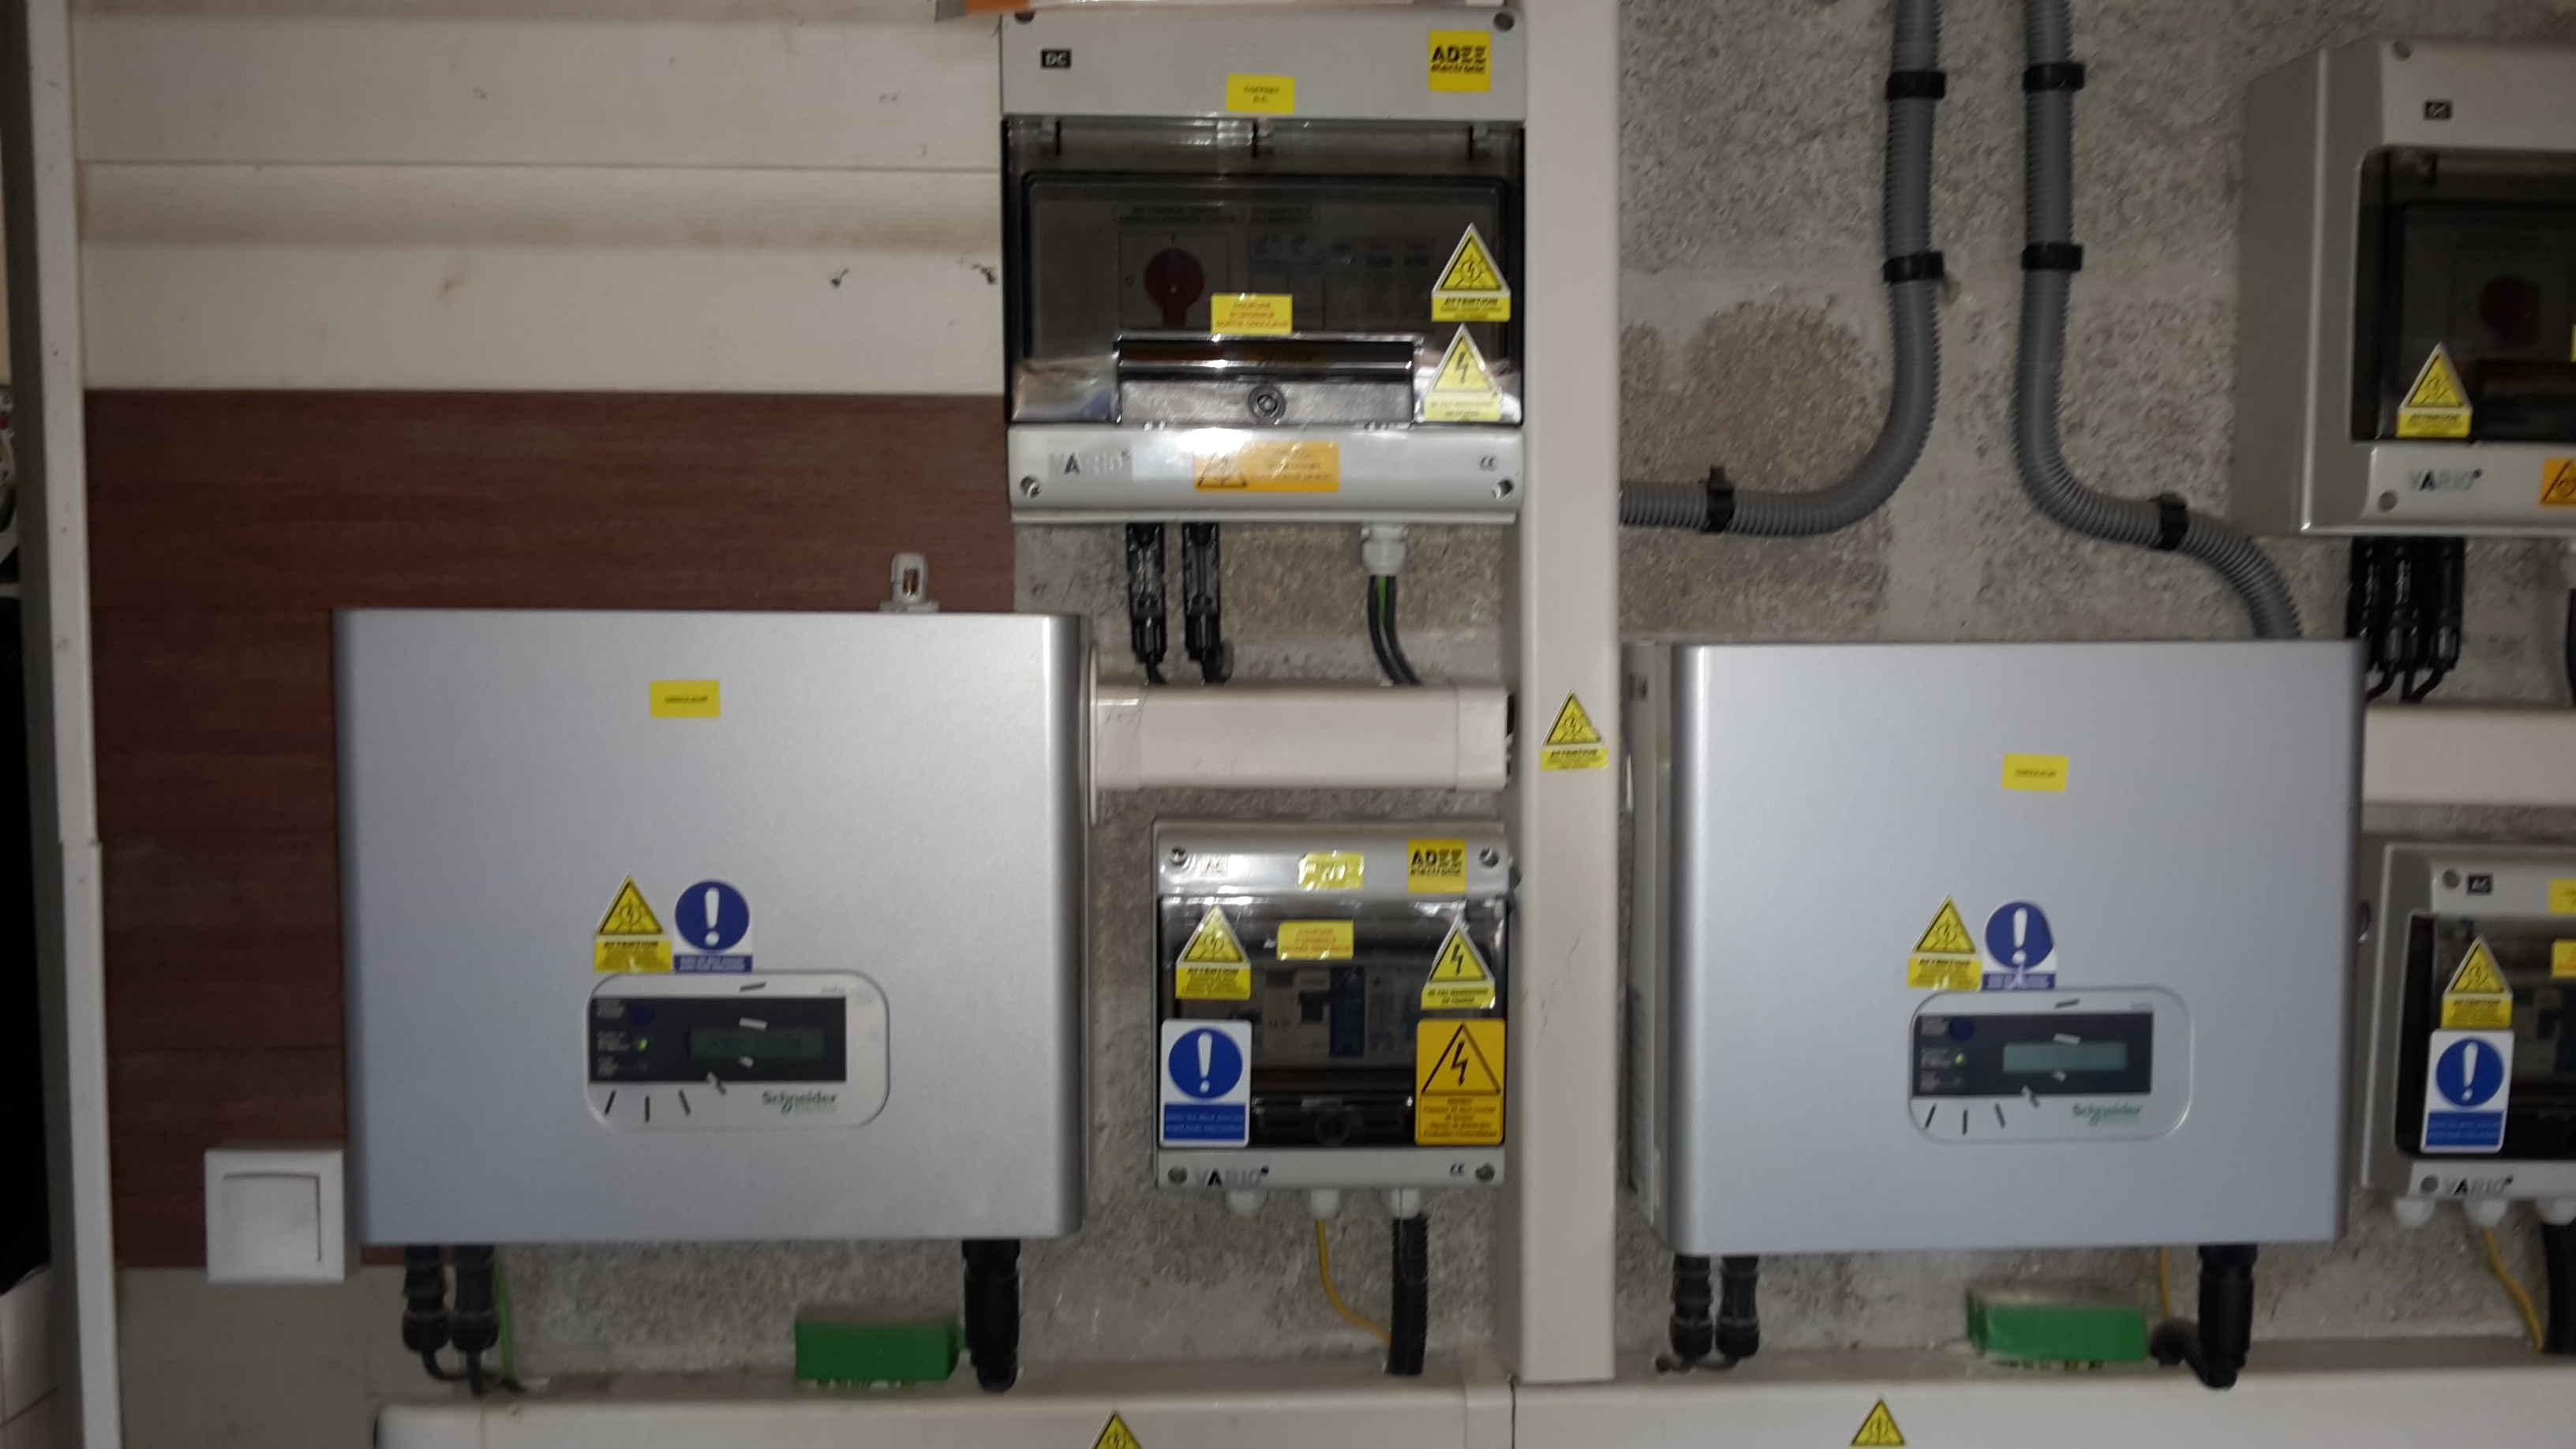 Dépannage photovoltaïque en Provence-Alpes-Cote d'Azur